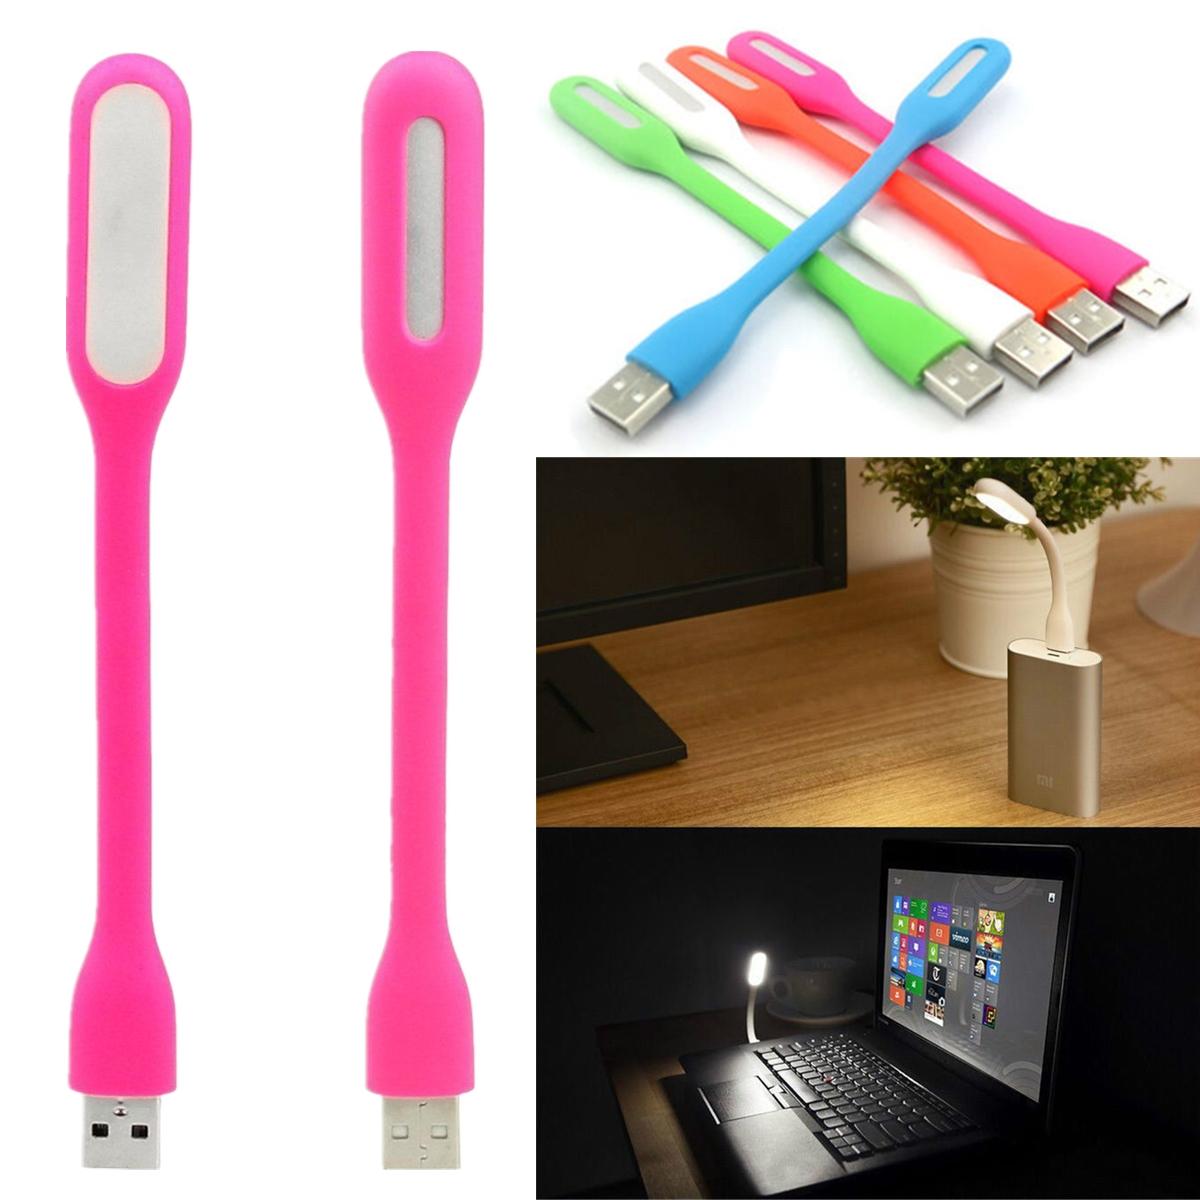 Fléxible Pour Portable Mini Lampe Ordinateur Neufu 10pcs Usb Led rdCxBoe